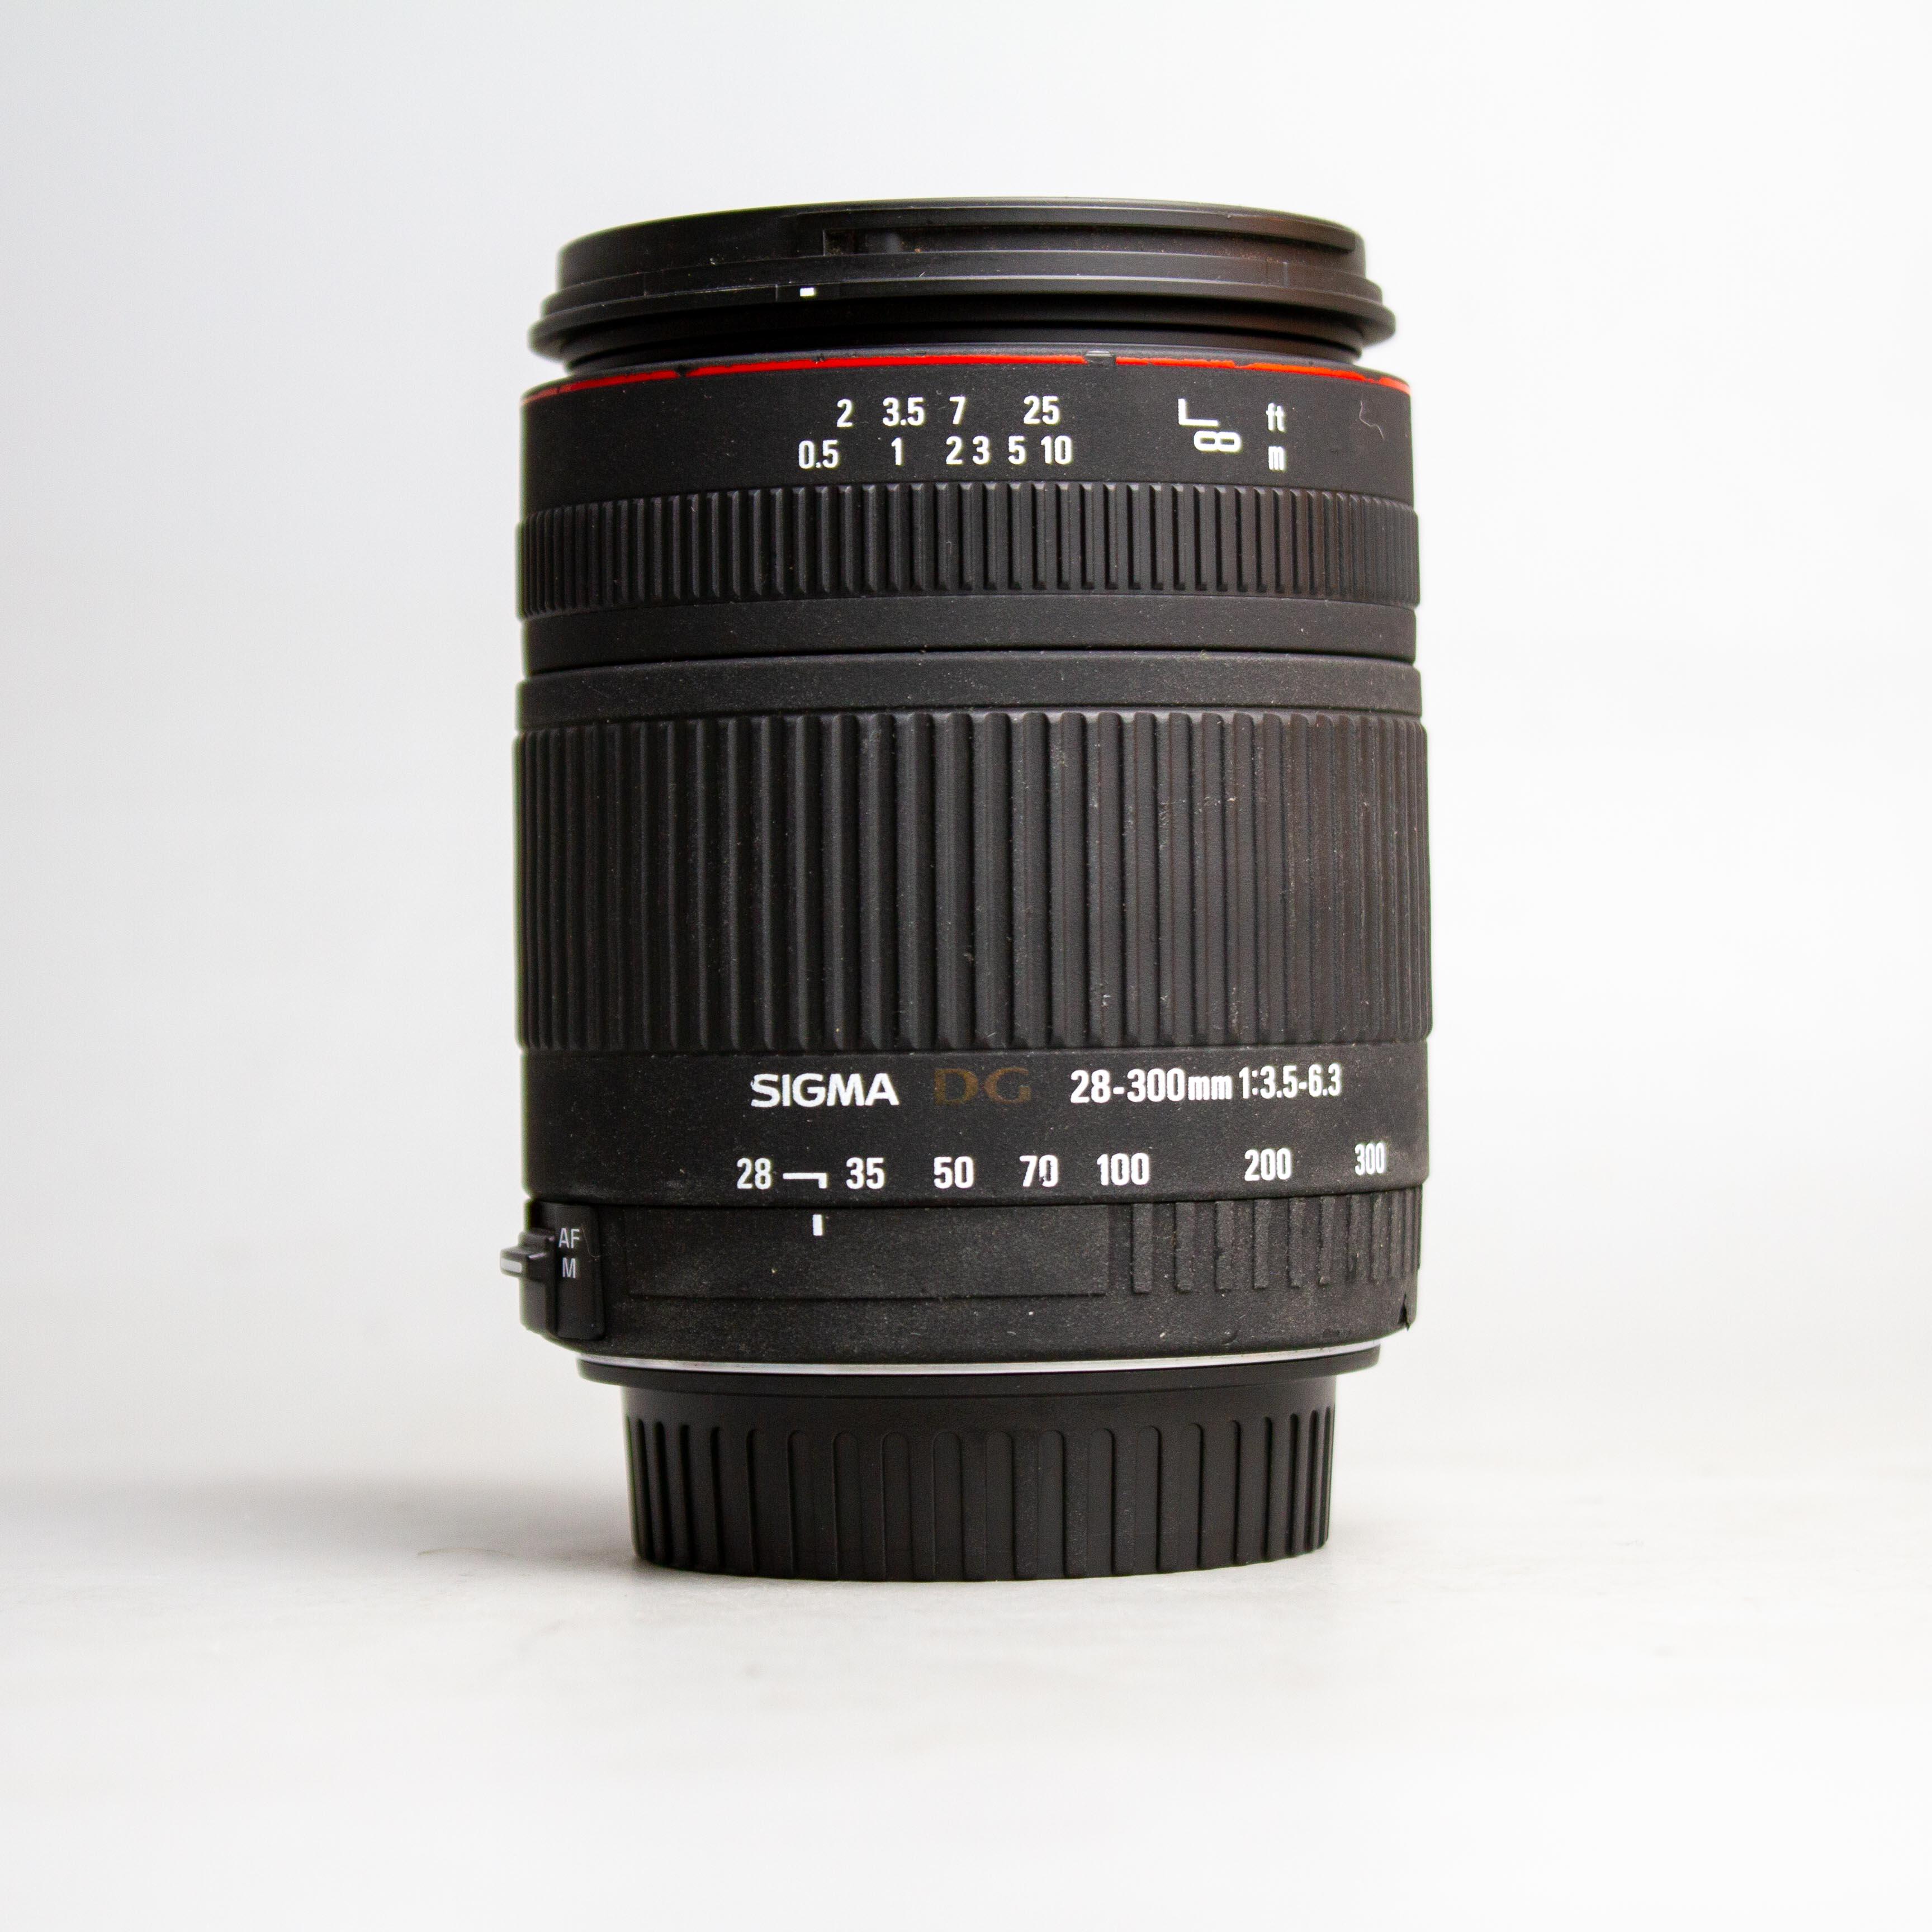 sigma-28-300mm-f3-5-6-3-af-dg-canon-28-300-3-5-6-3-18313